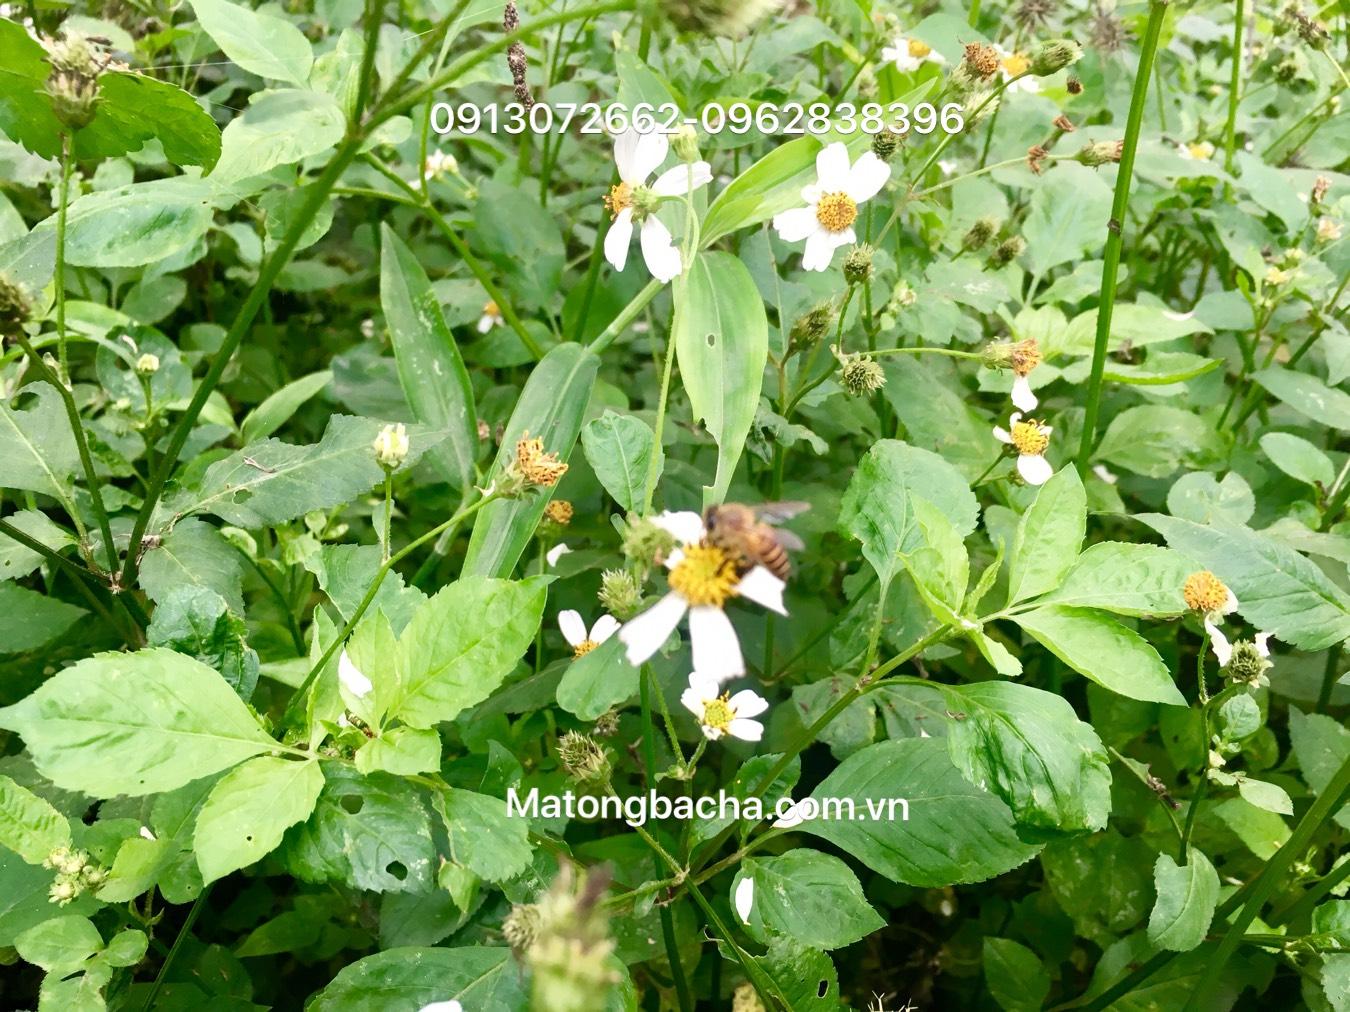 Mật ong cỏ Kim thường được khai thác từ tháng 6 - 10 dương lịch